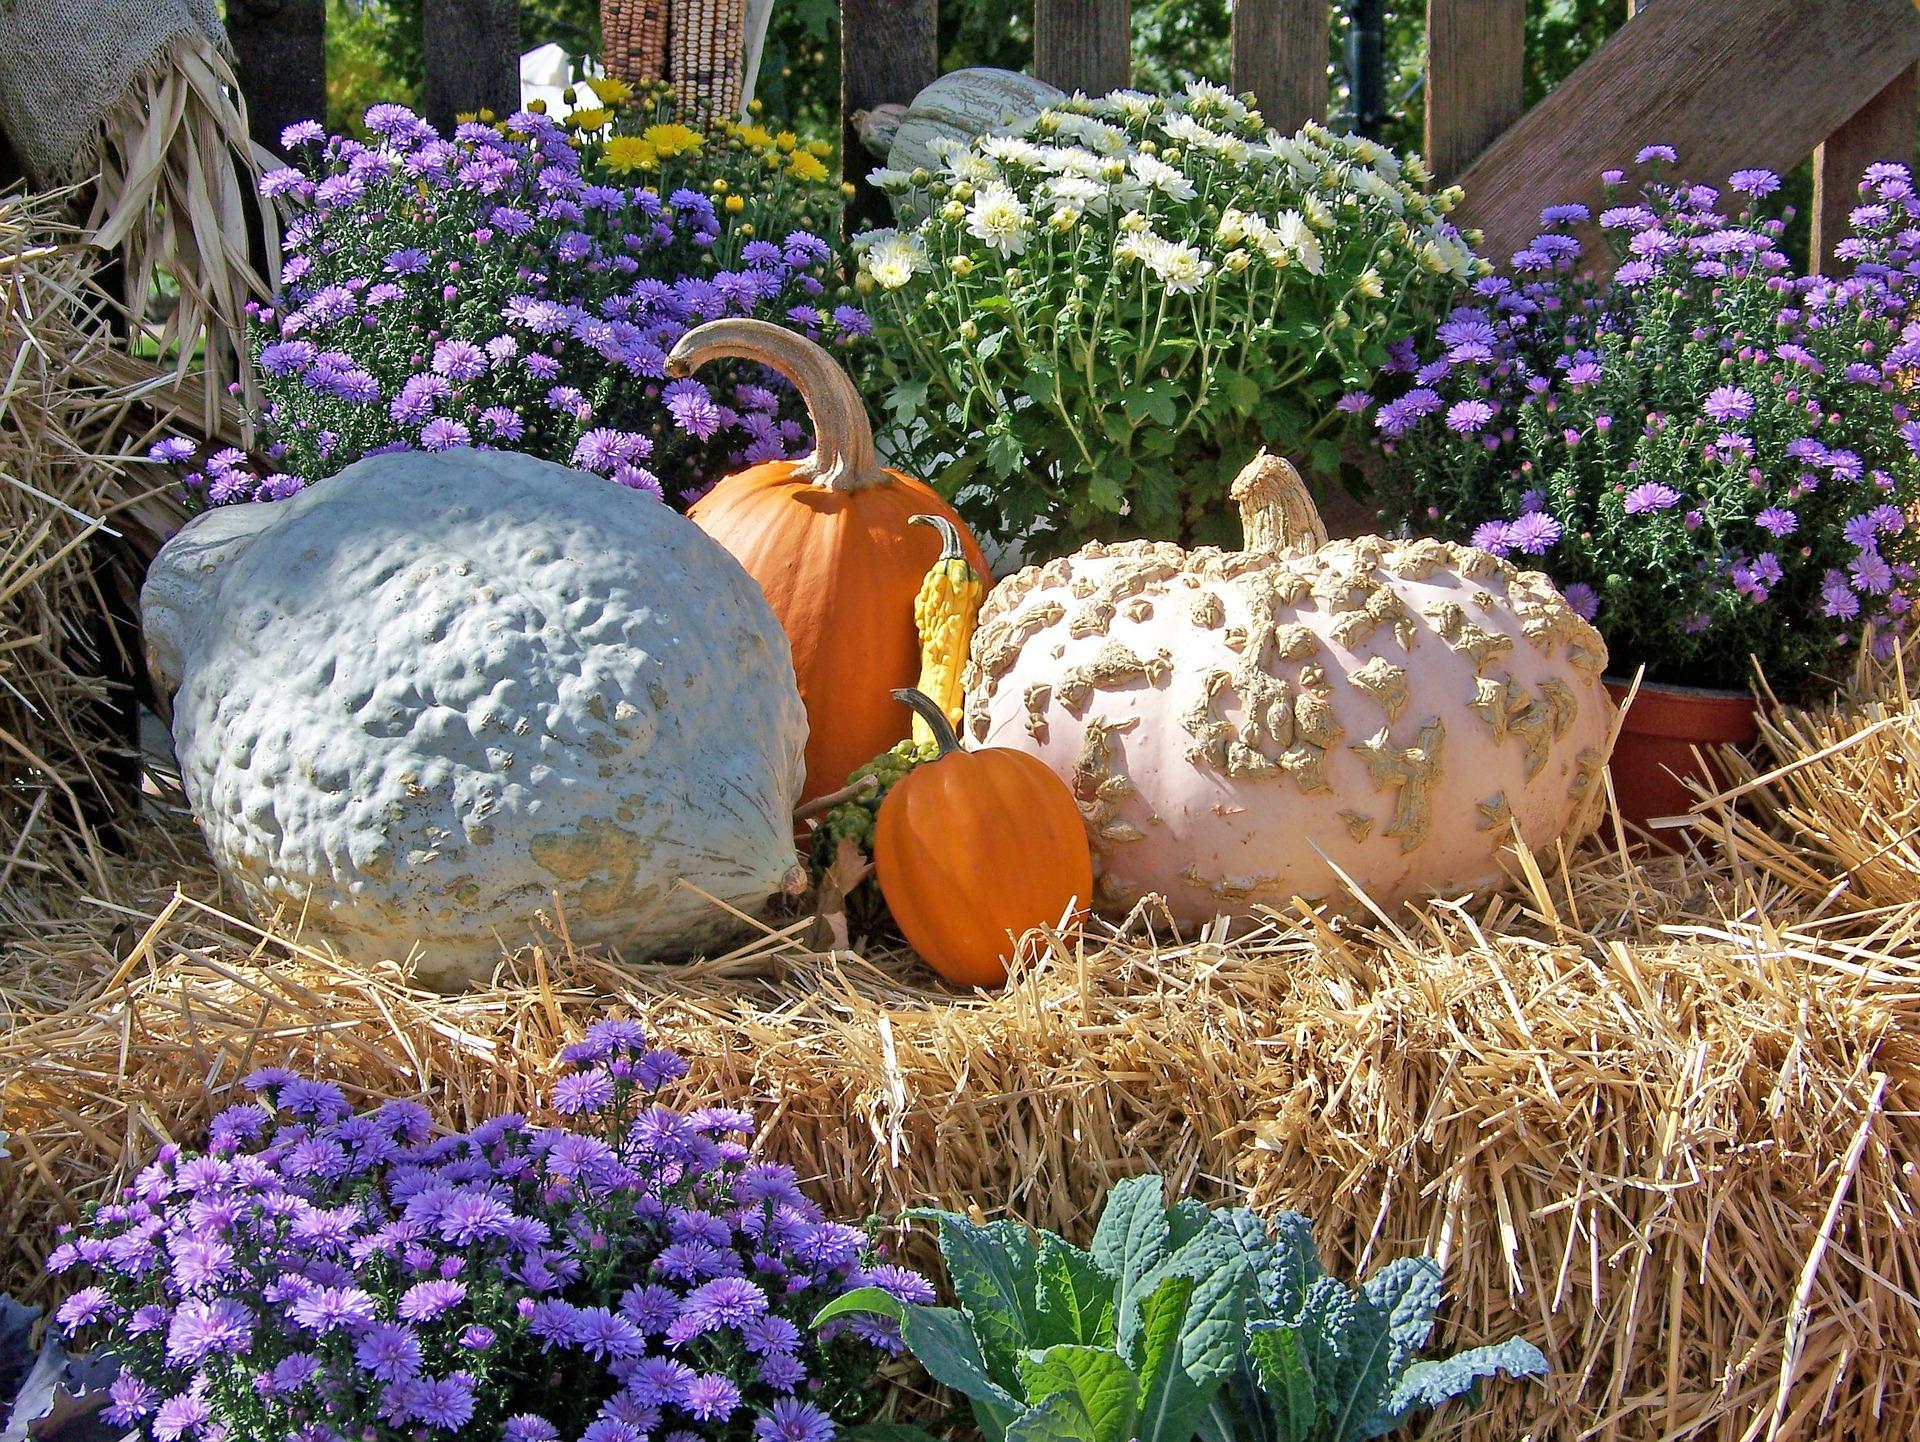 pumpkins-19754_1920.jpg